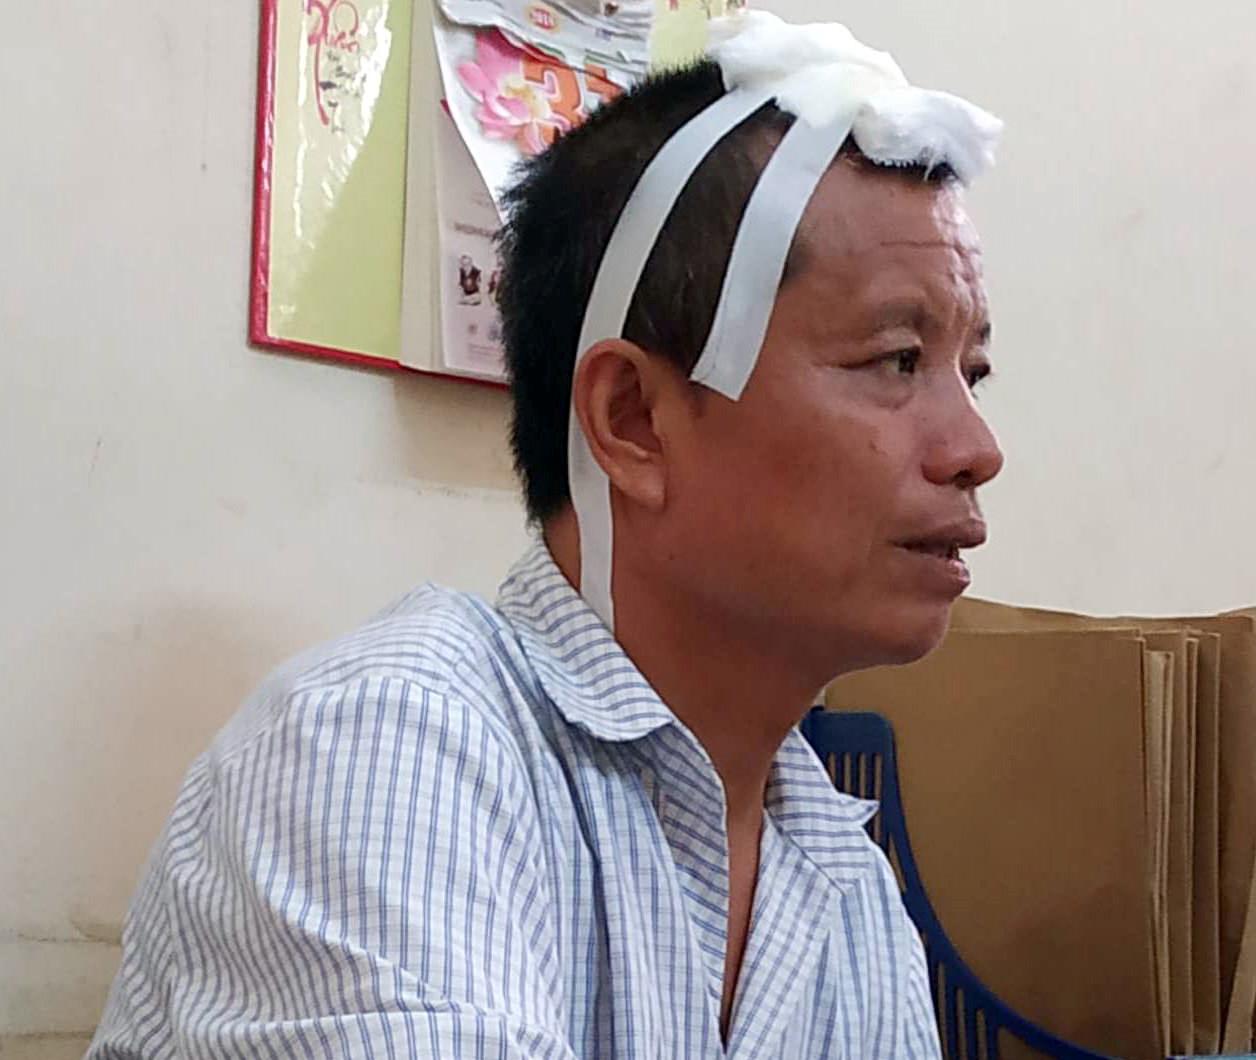 Đêm cuồng sát của kẻ đoạt mạng 3 người ở Thái Nguyên Ảnh 1